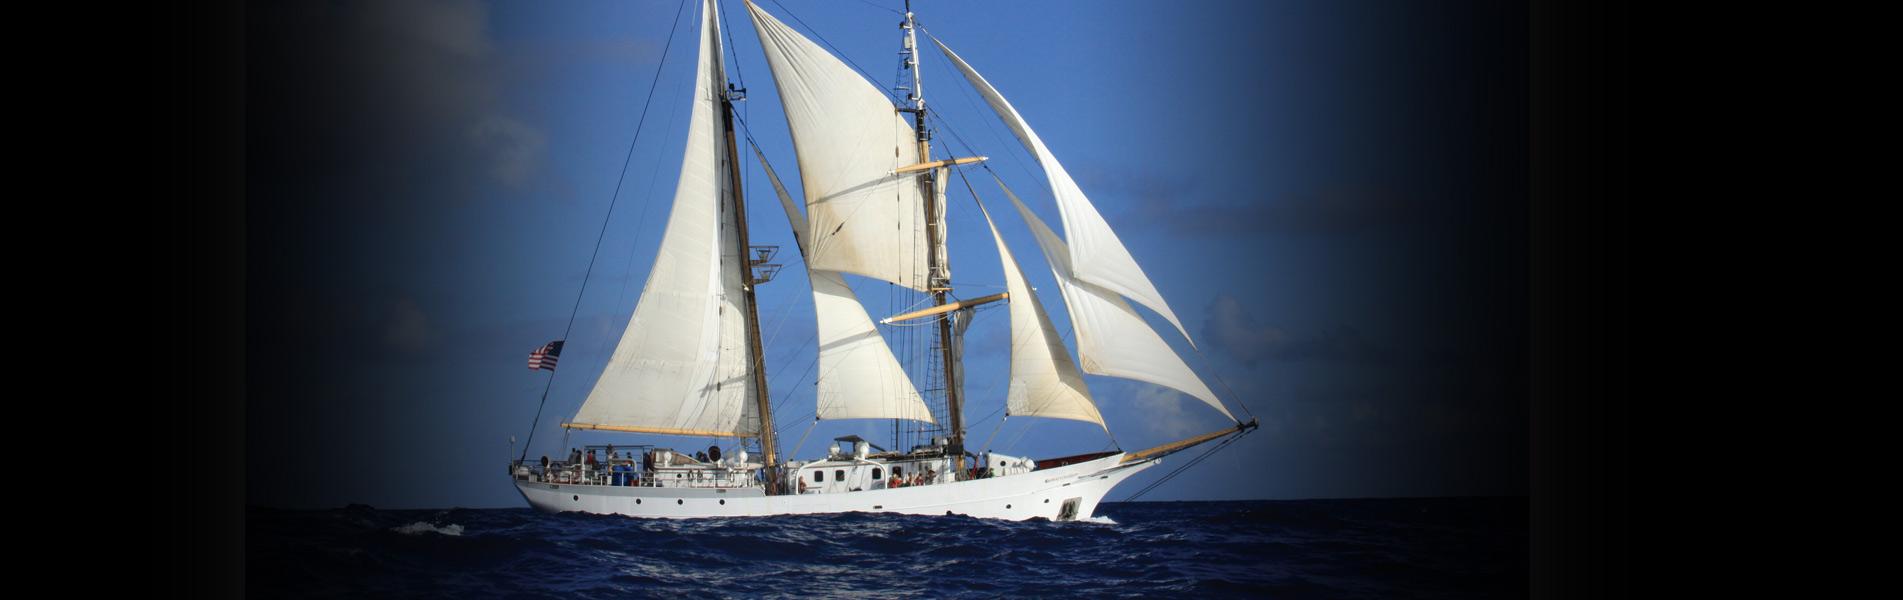 SSN Corwith Cramer Ship